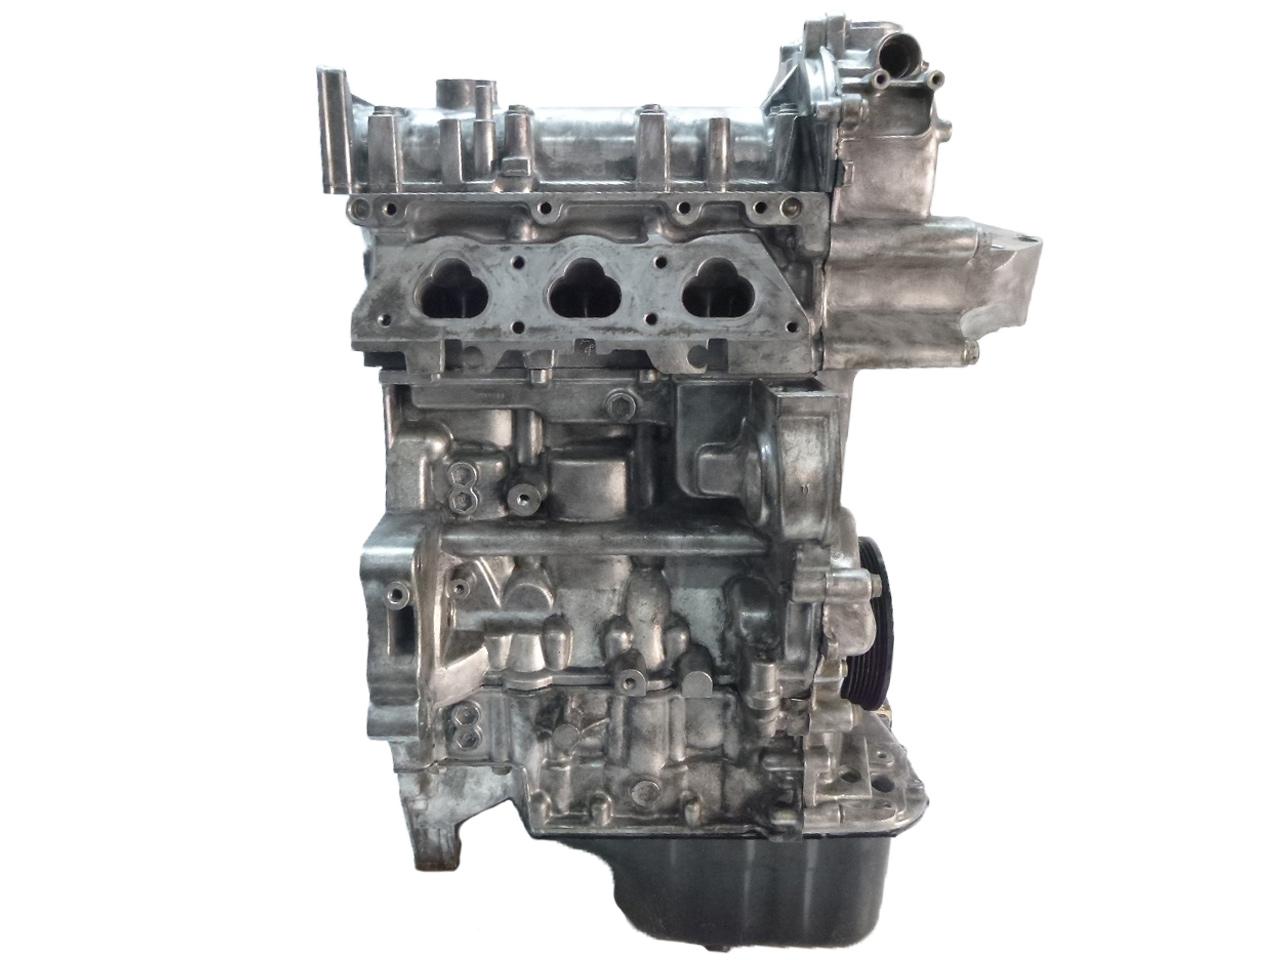 La Révision du moteur Réparation VW Seat Skoda 1,2 12V AZQ LPPCI CEV NOUVEAU